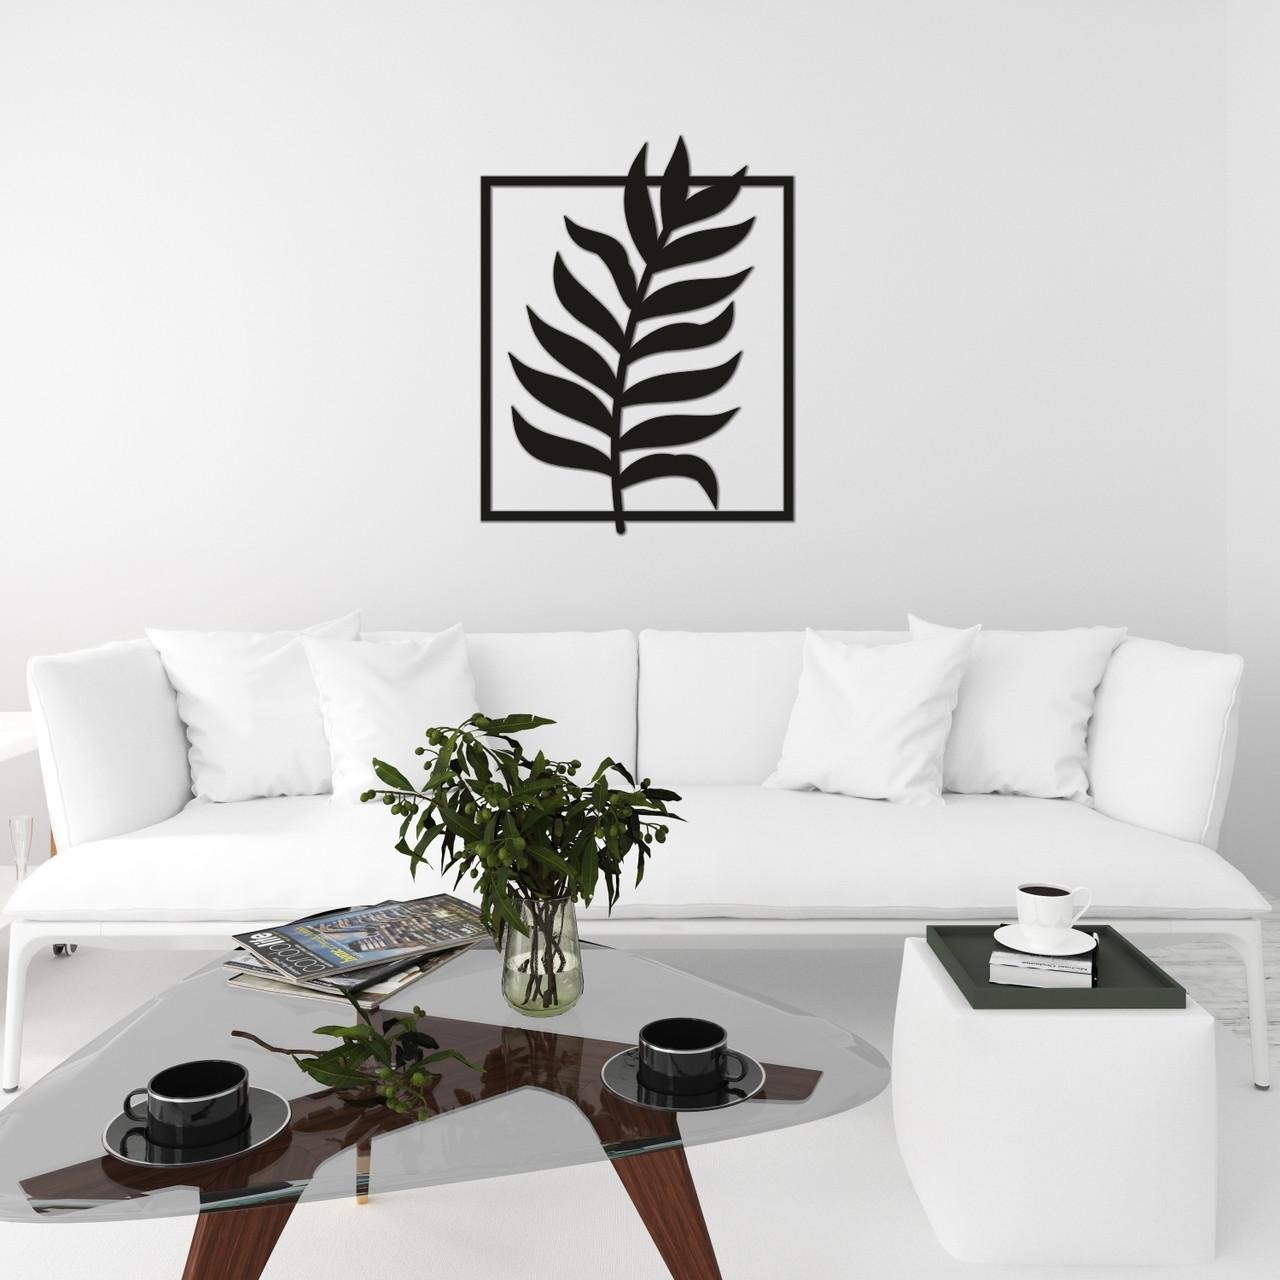 Современная настенная абстракция из дерева «Веточка»